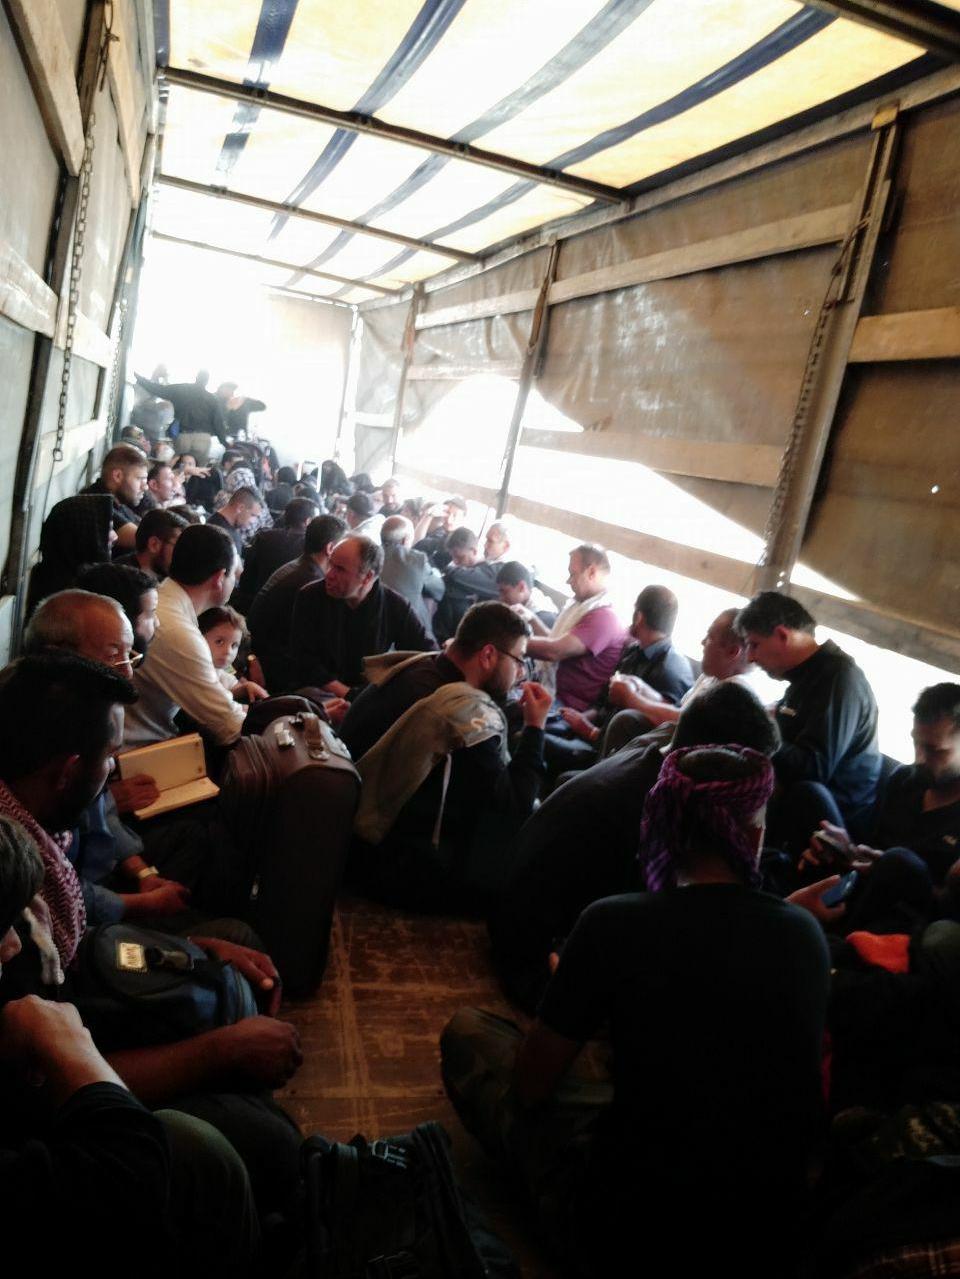 حشدالشعبی به کمک زائران ایرانی آمد +عکس